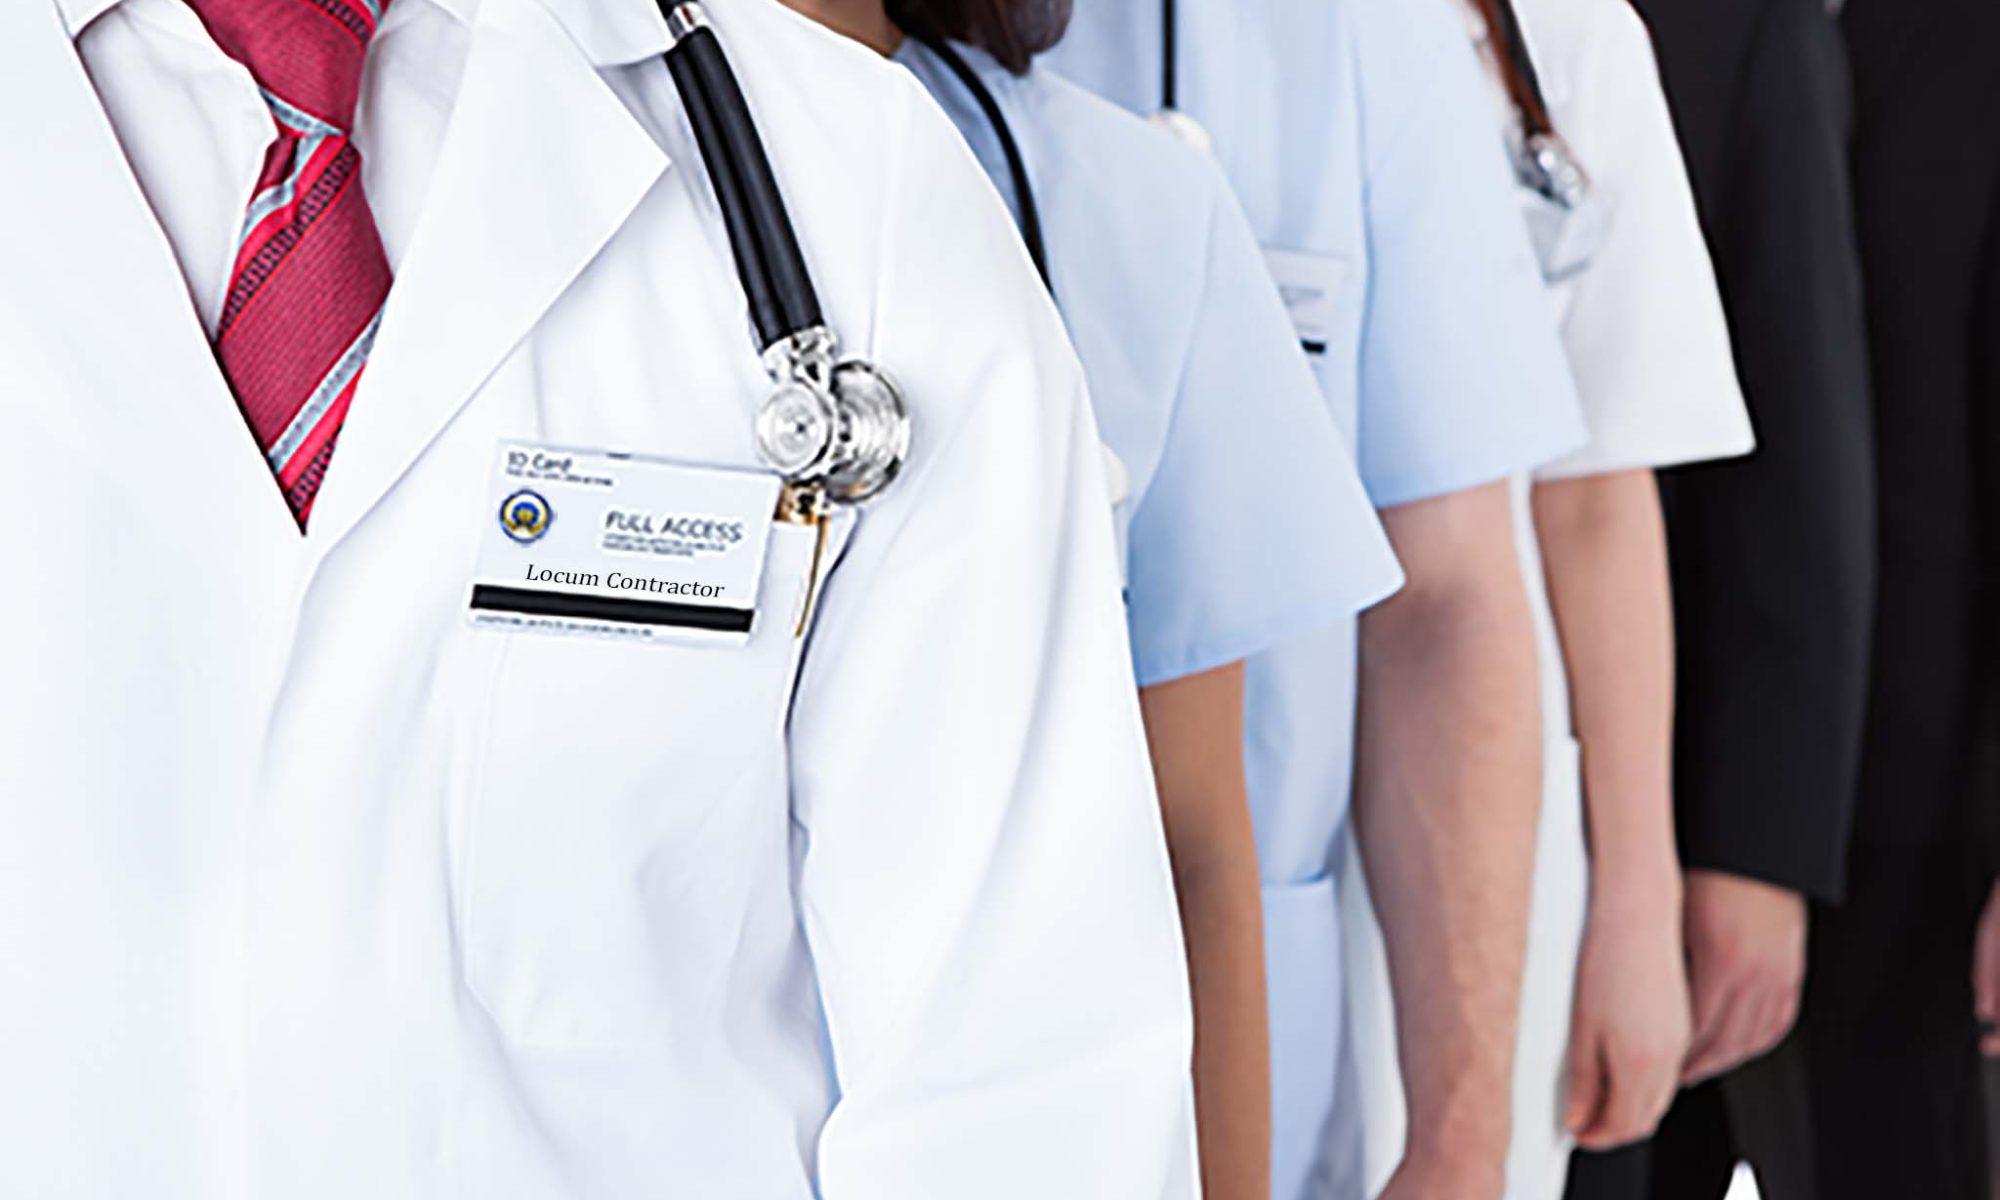 ihpa medical team locum contractor